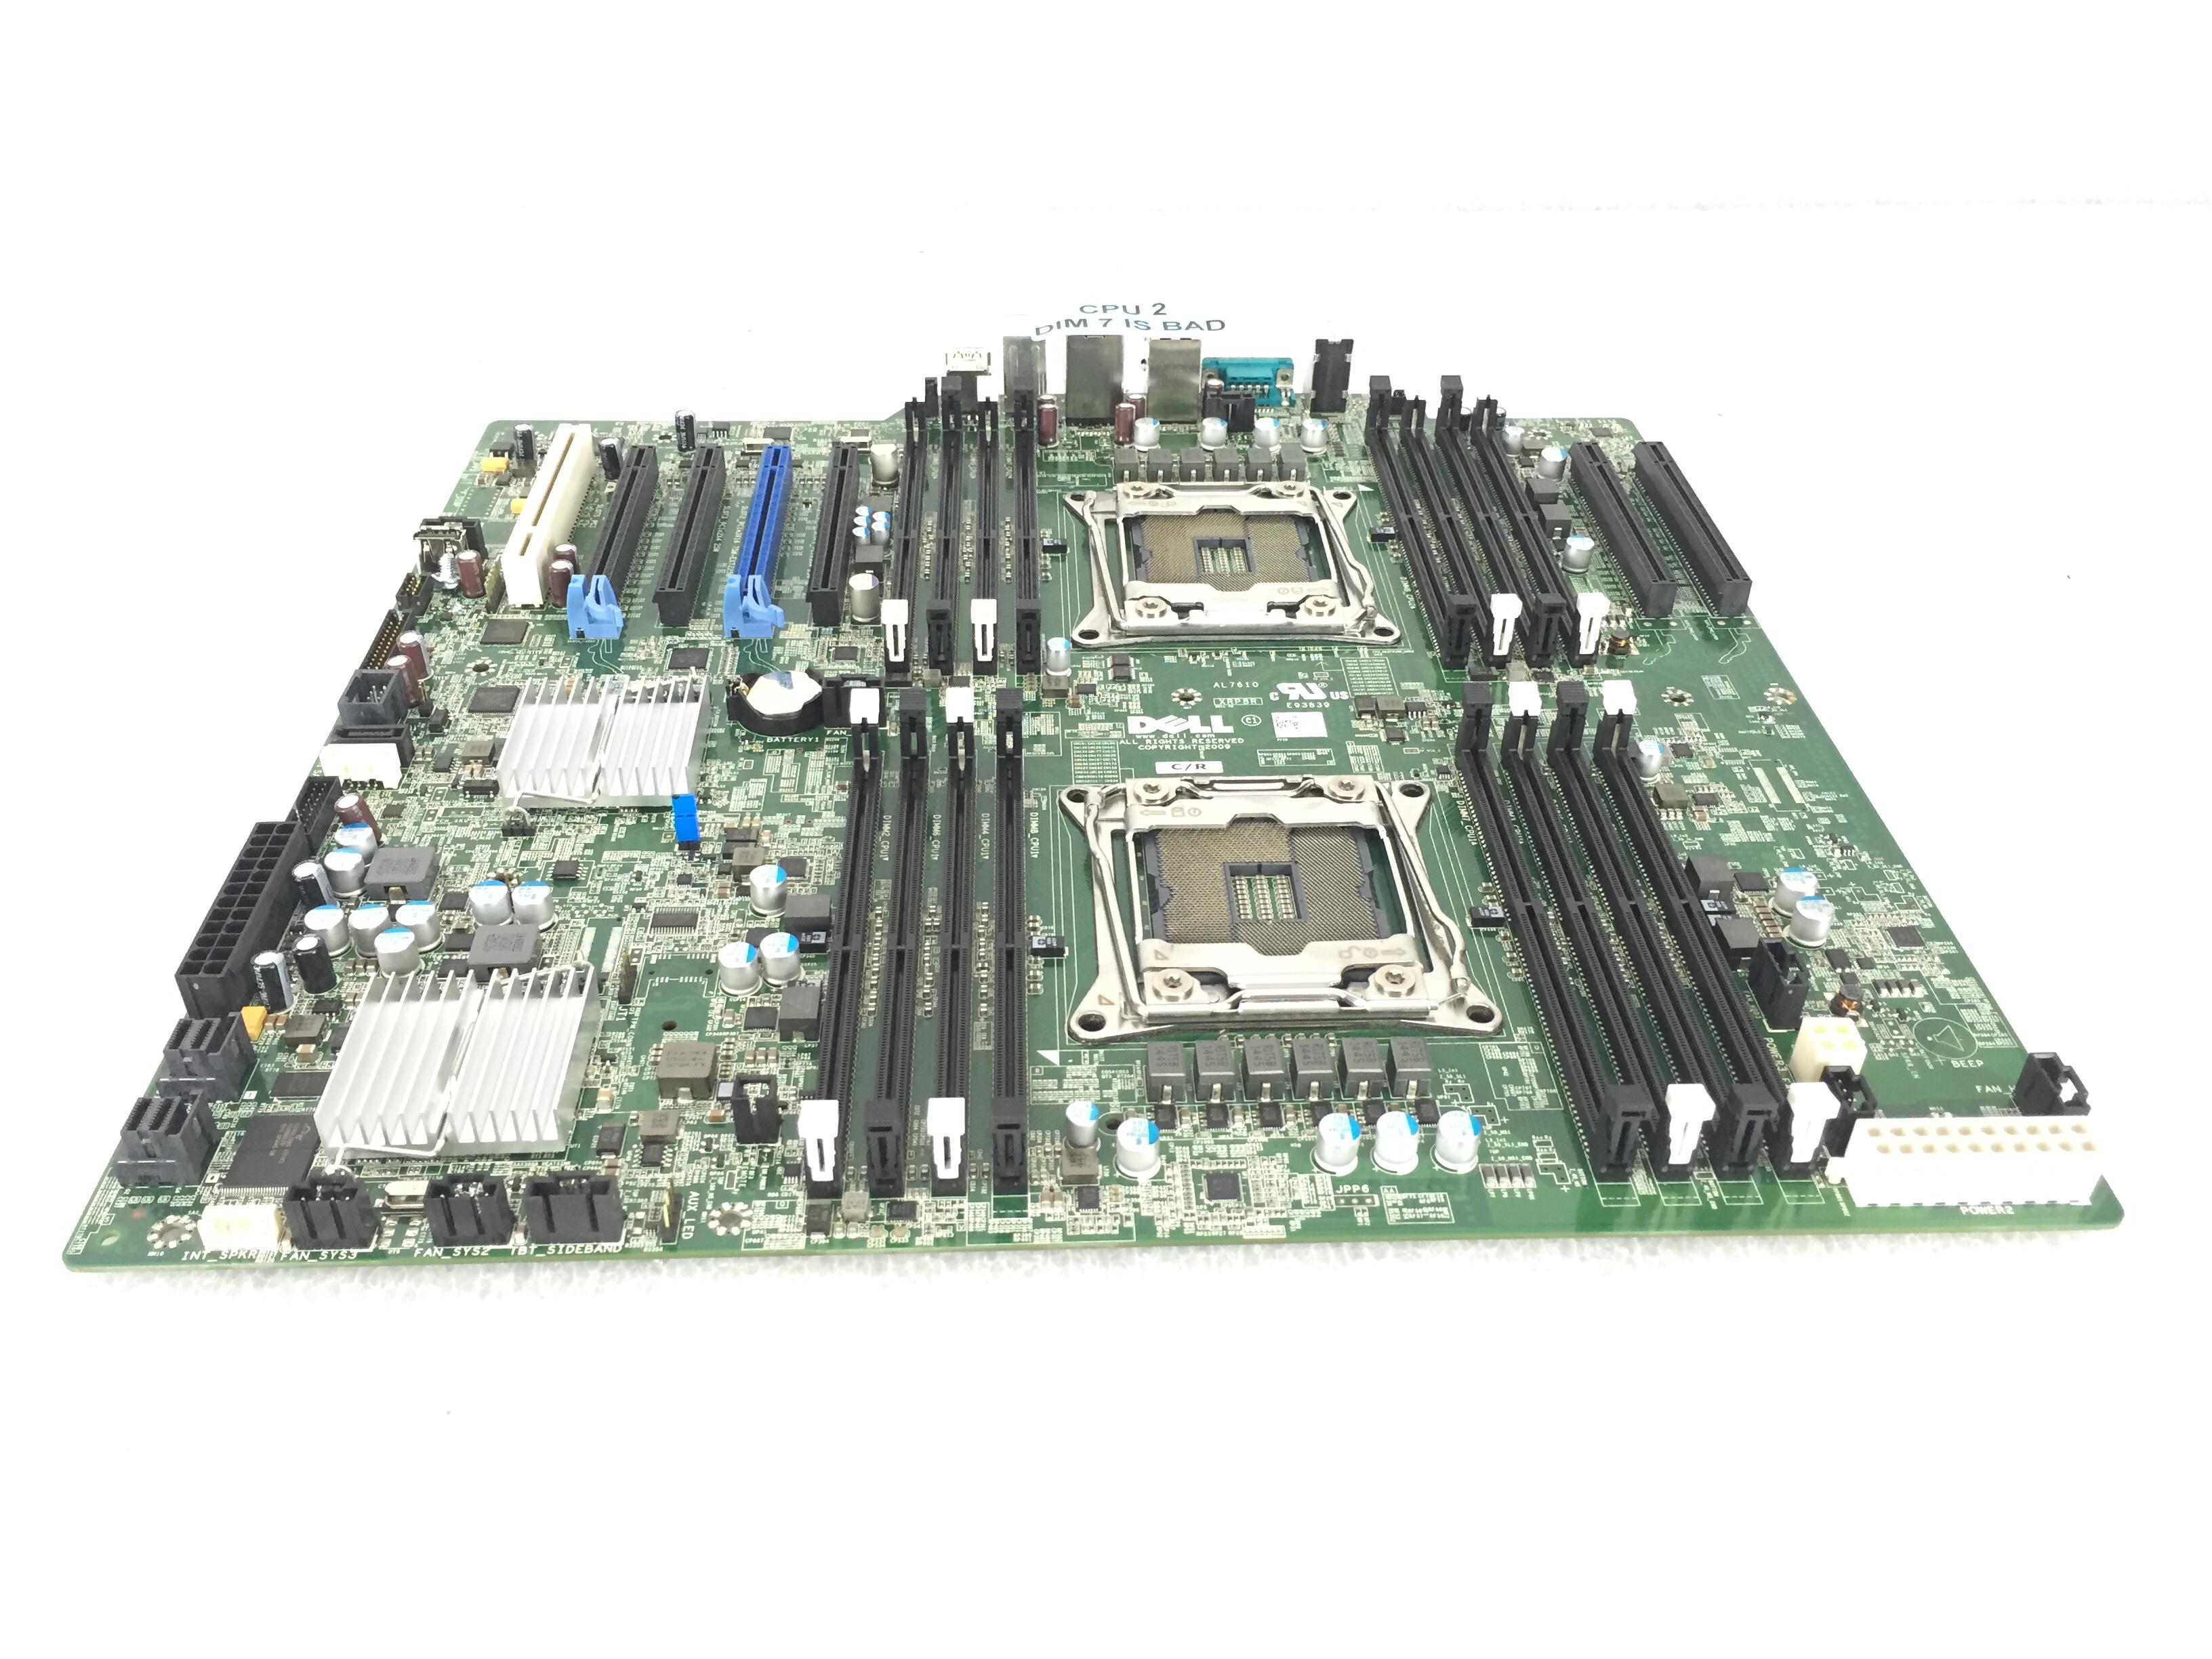 Dell Precision T7910 Dual Xeon System Board (215PR)